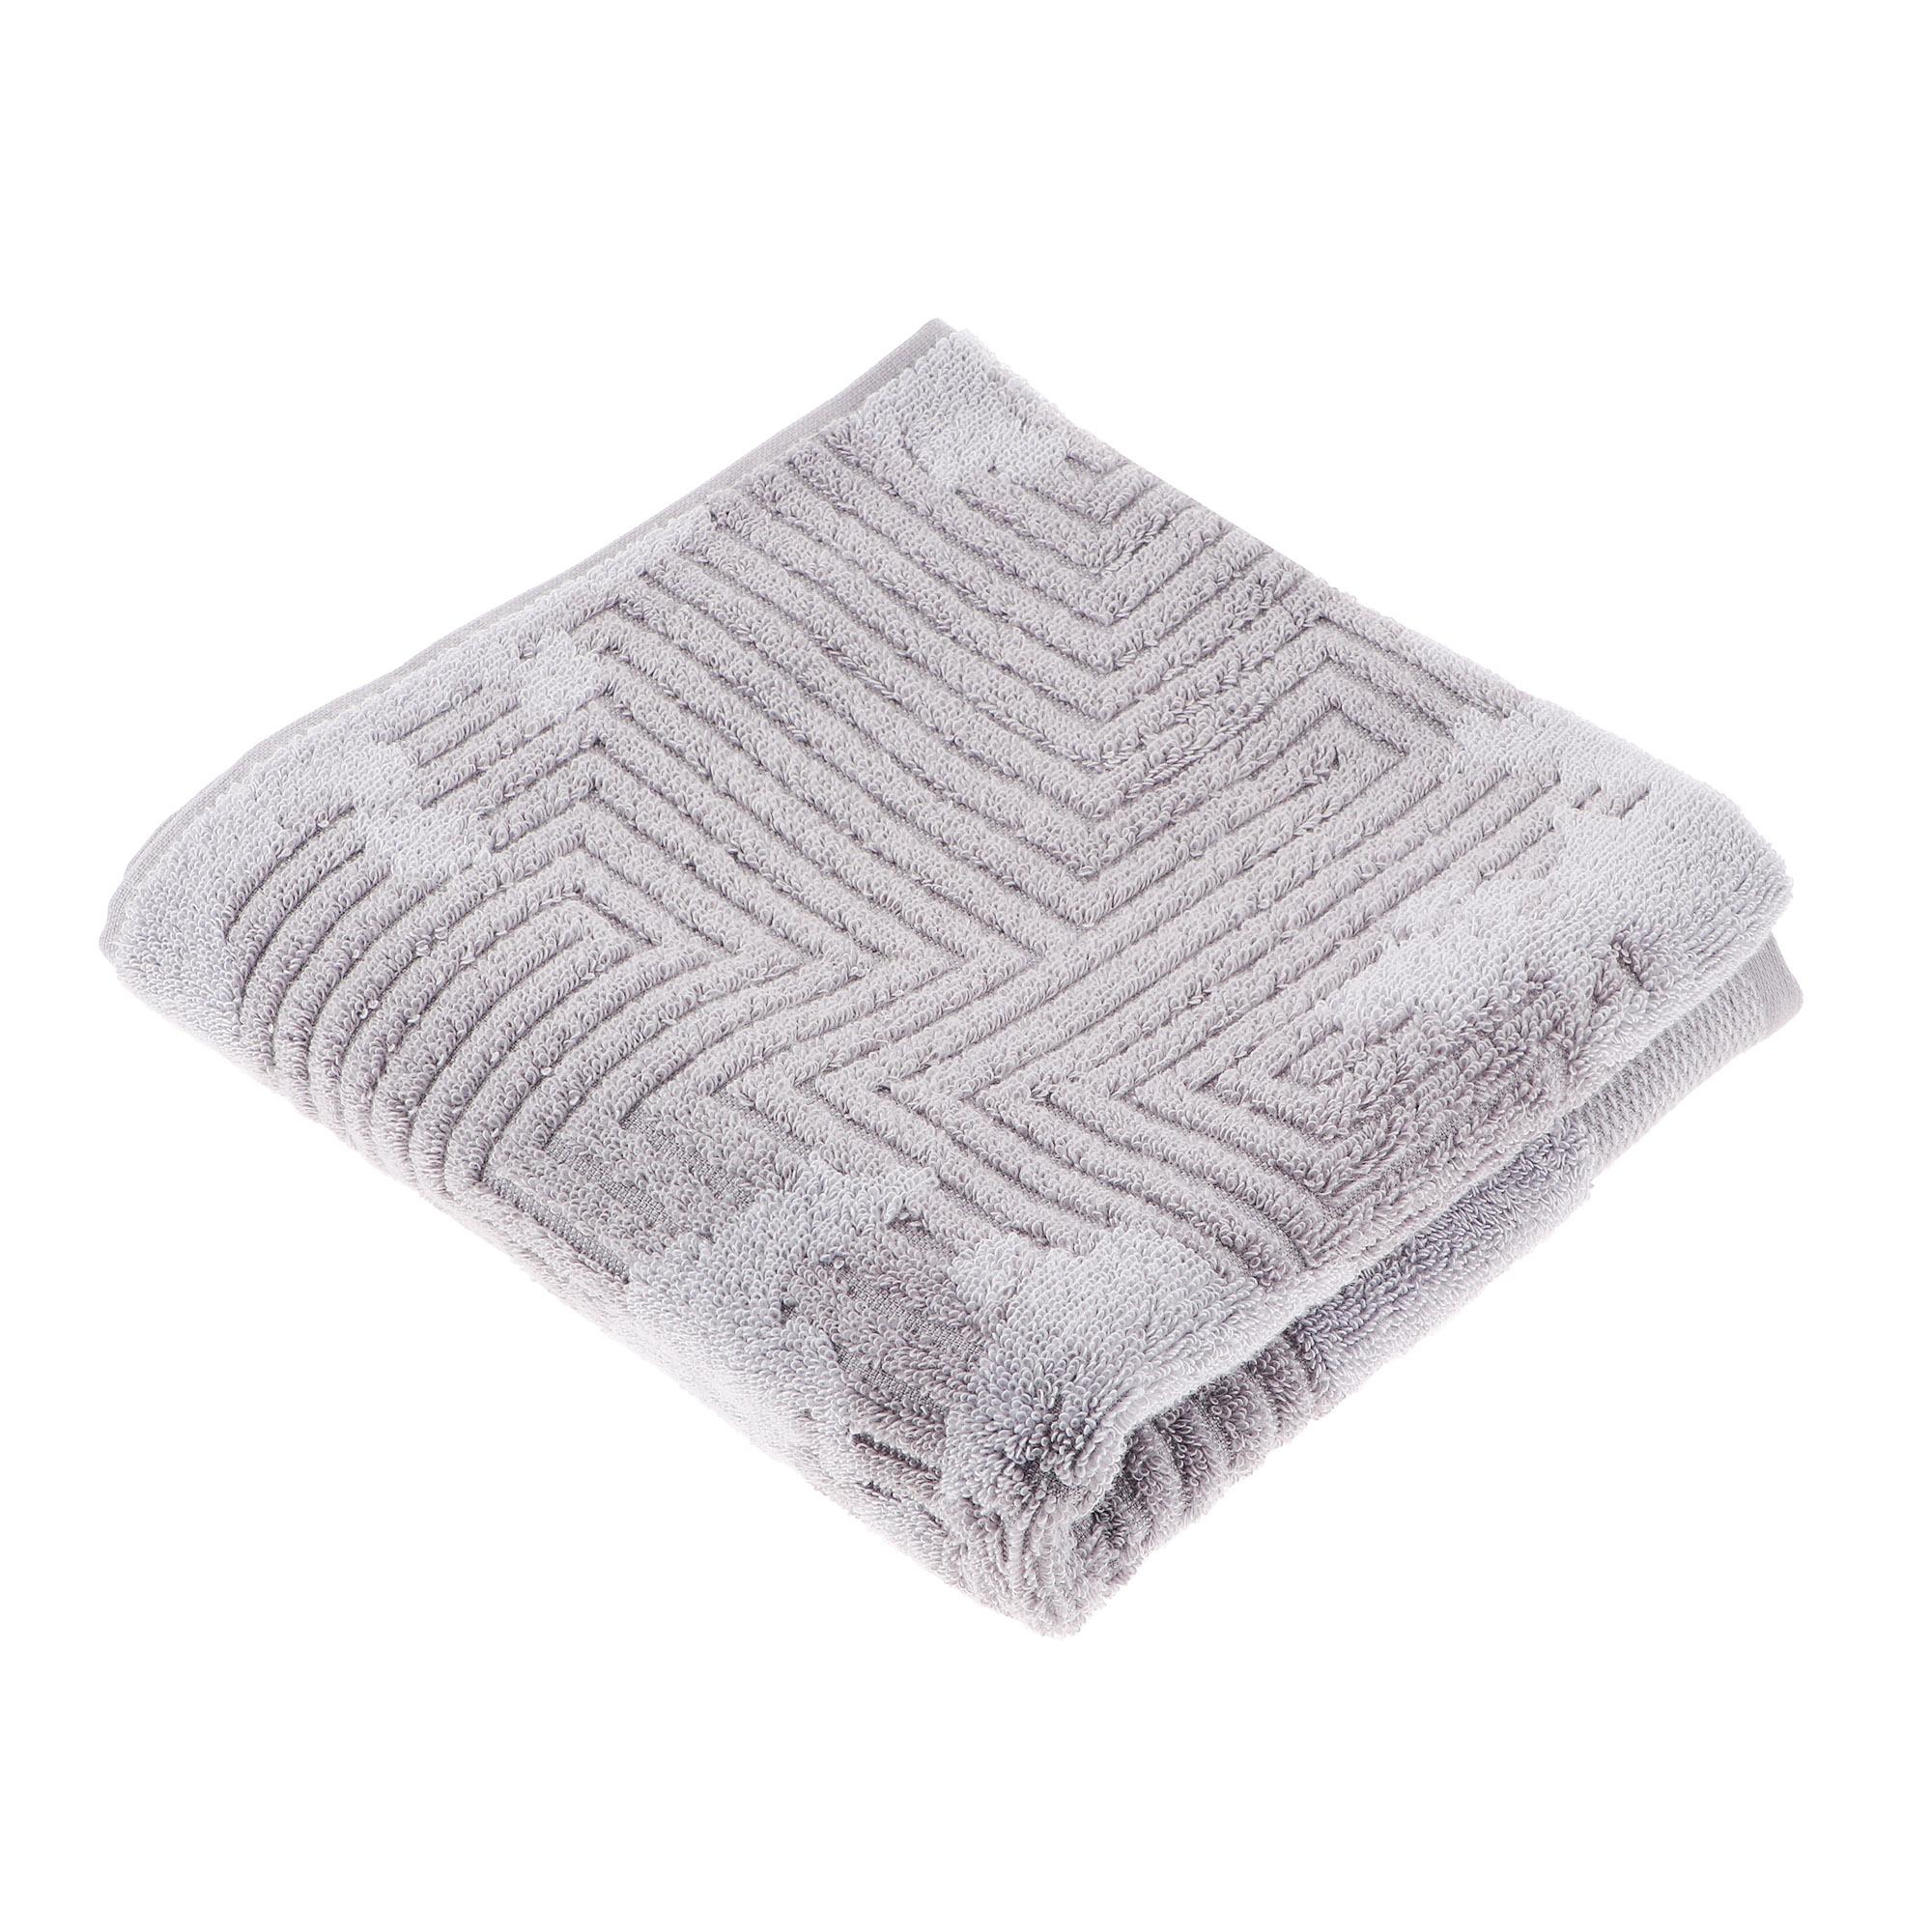 Полотенце махровое Cleanelly нуовэ террэ 50х100 пестротканное бело-серое полотенце waves серое